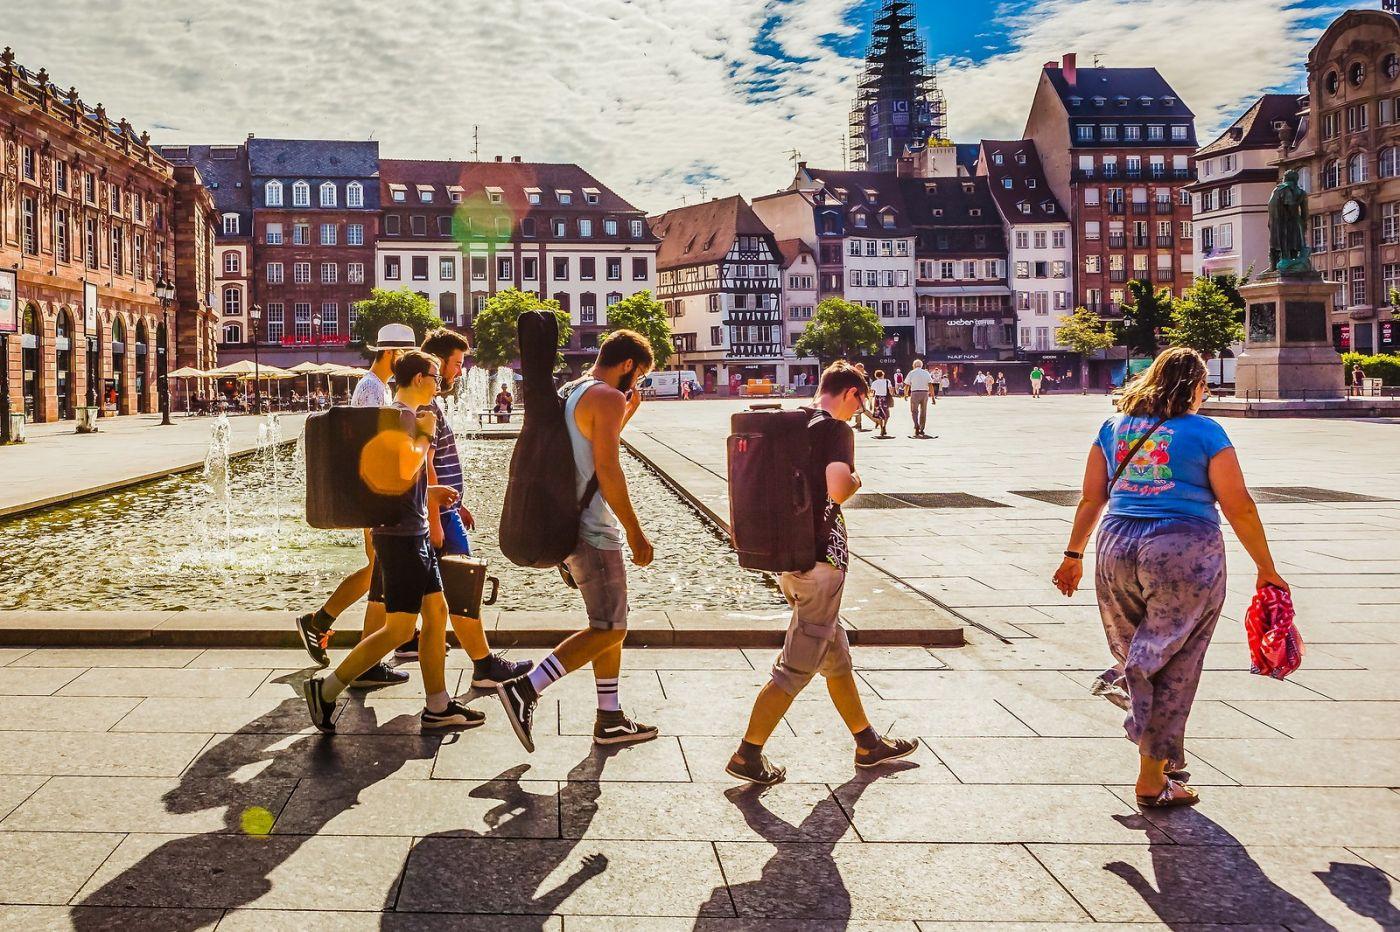 法国斯特拉斯堡(Strasbourg),边走边拍_图1-30